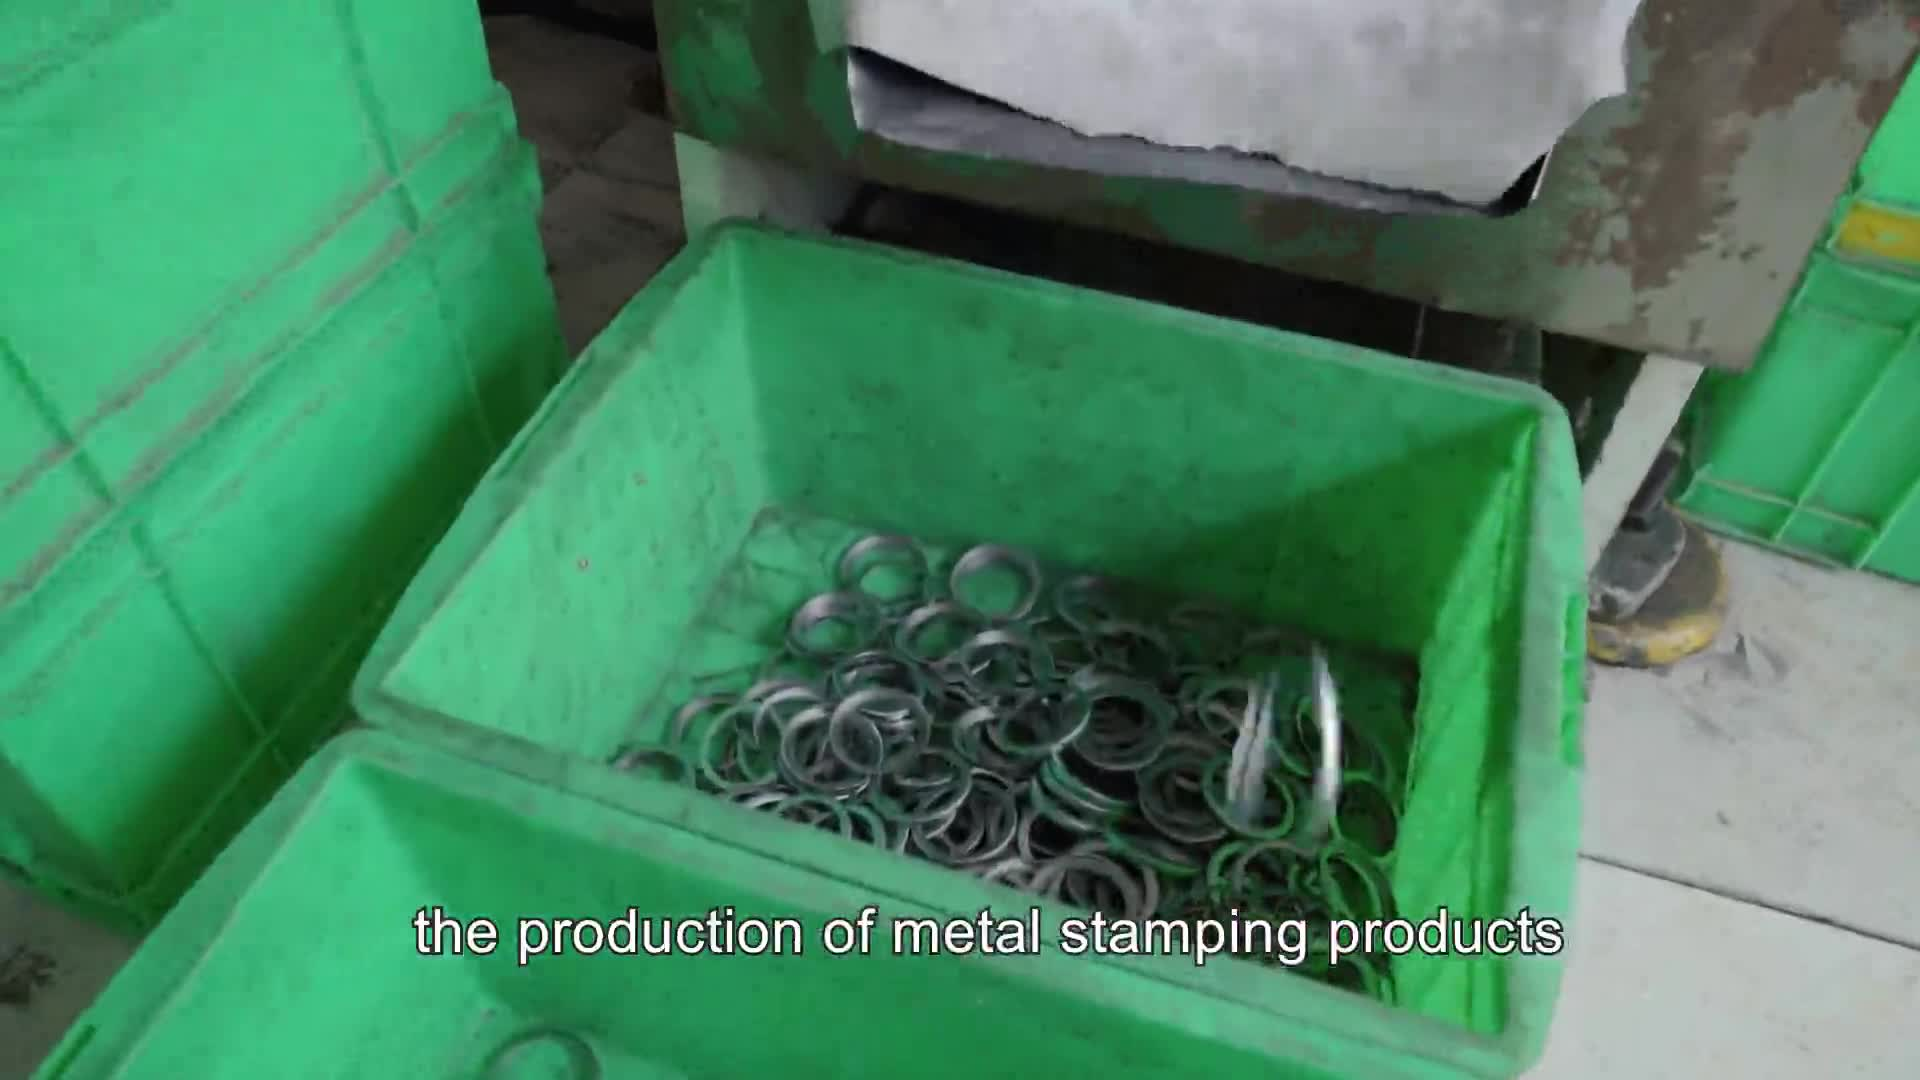 2019 caliente suministros de procesamiento de piezas de estampado de metal coche de piezas de metal de fábrica